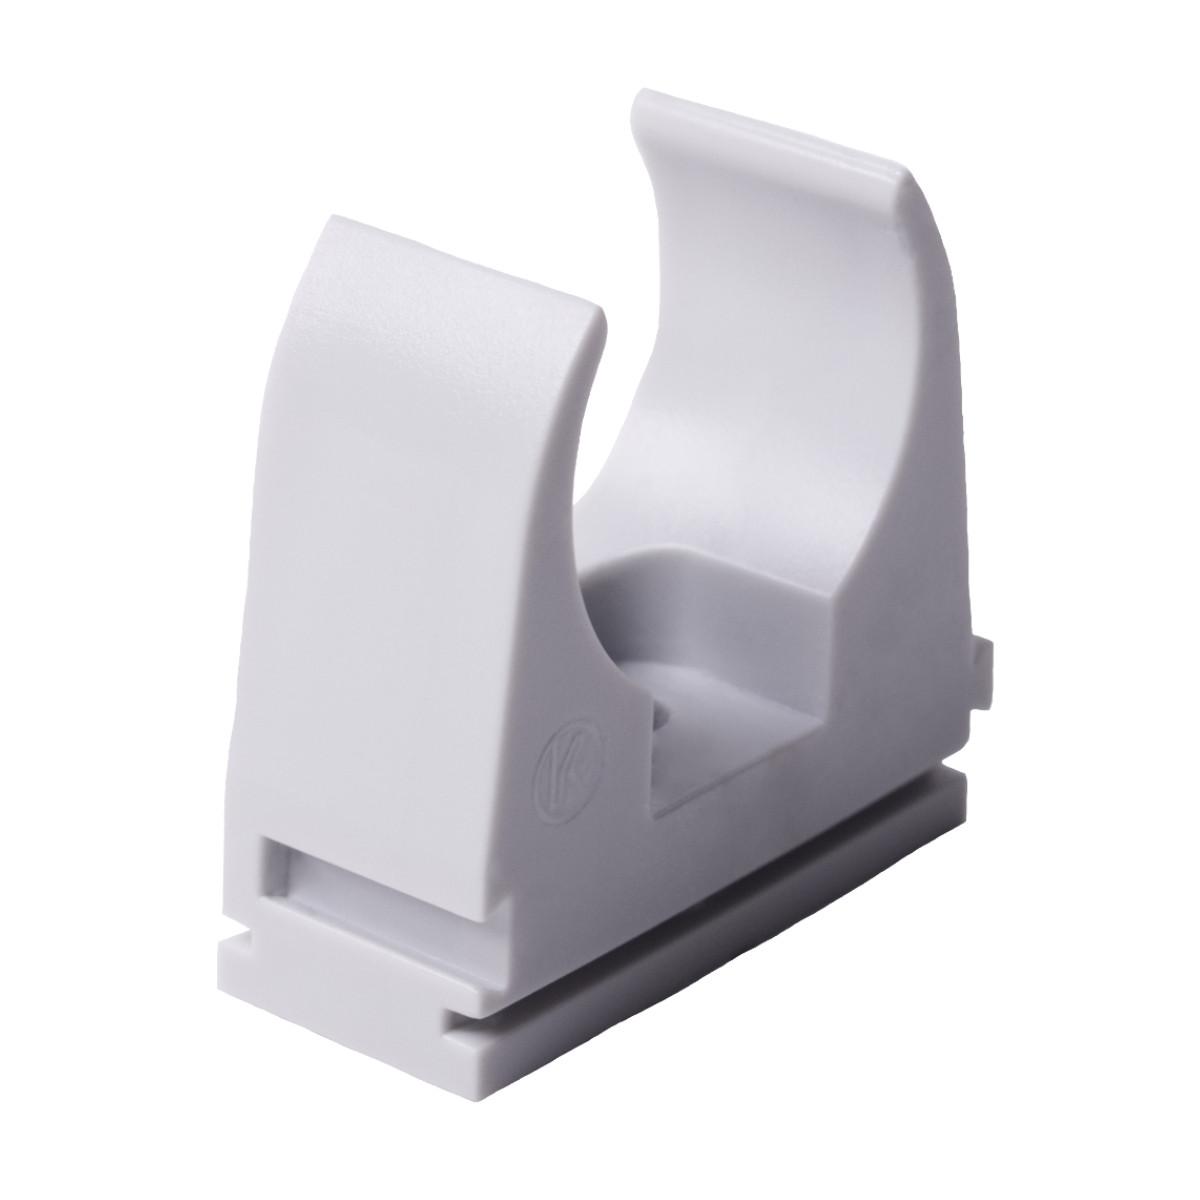 Кріплення труби 50 мм; Ø50мм; ПВХ;; t застосування -25+60 °с; світло-сіра; Упаковка 10 шт